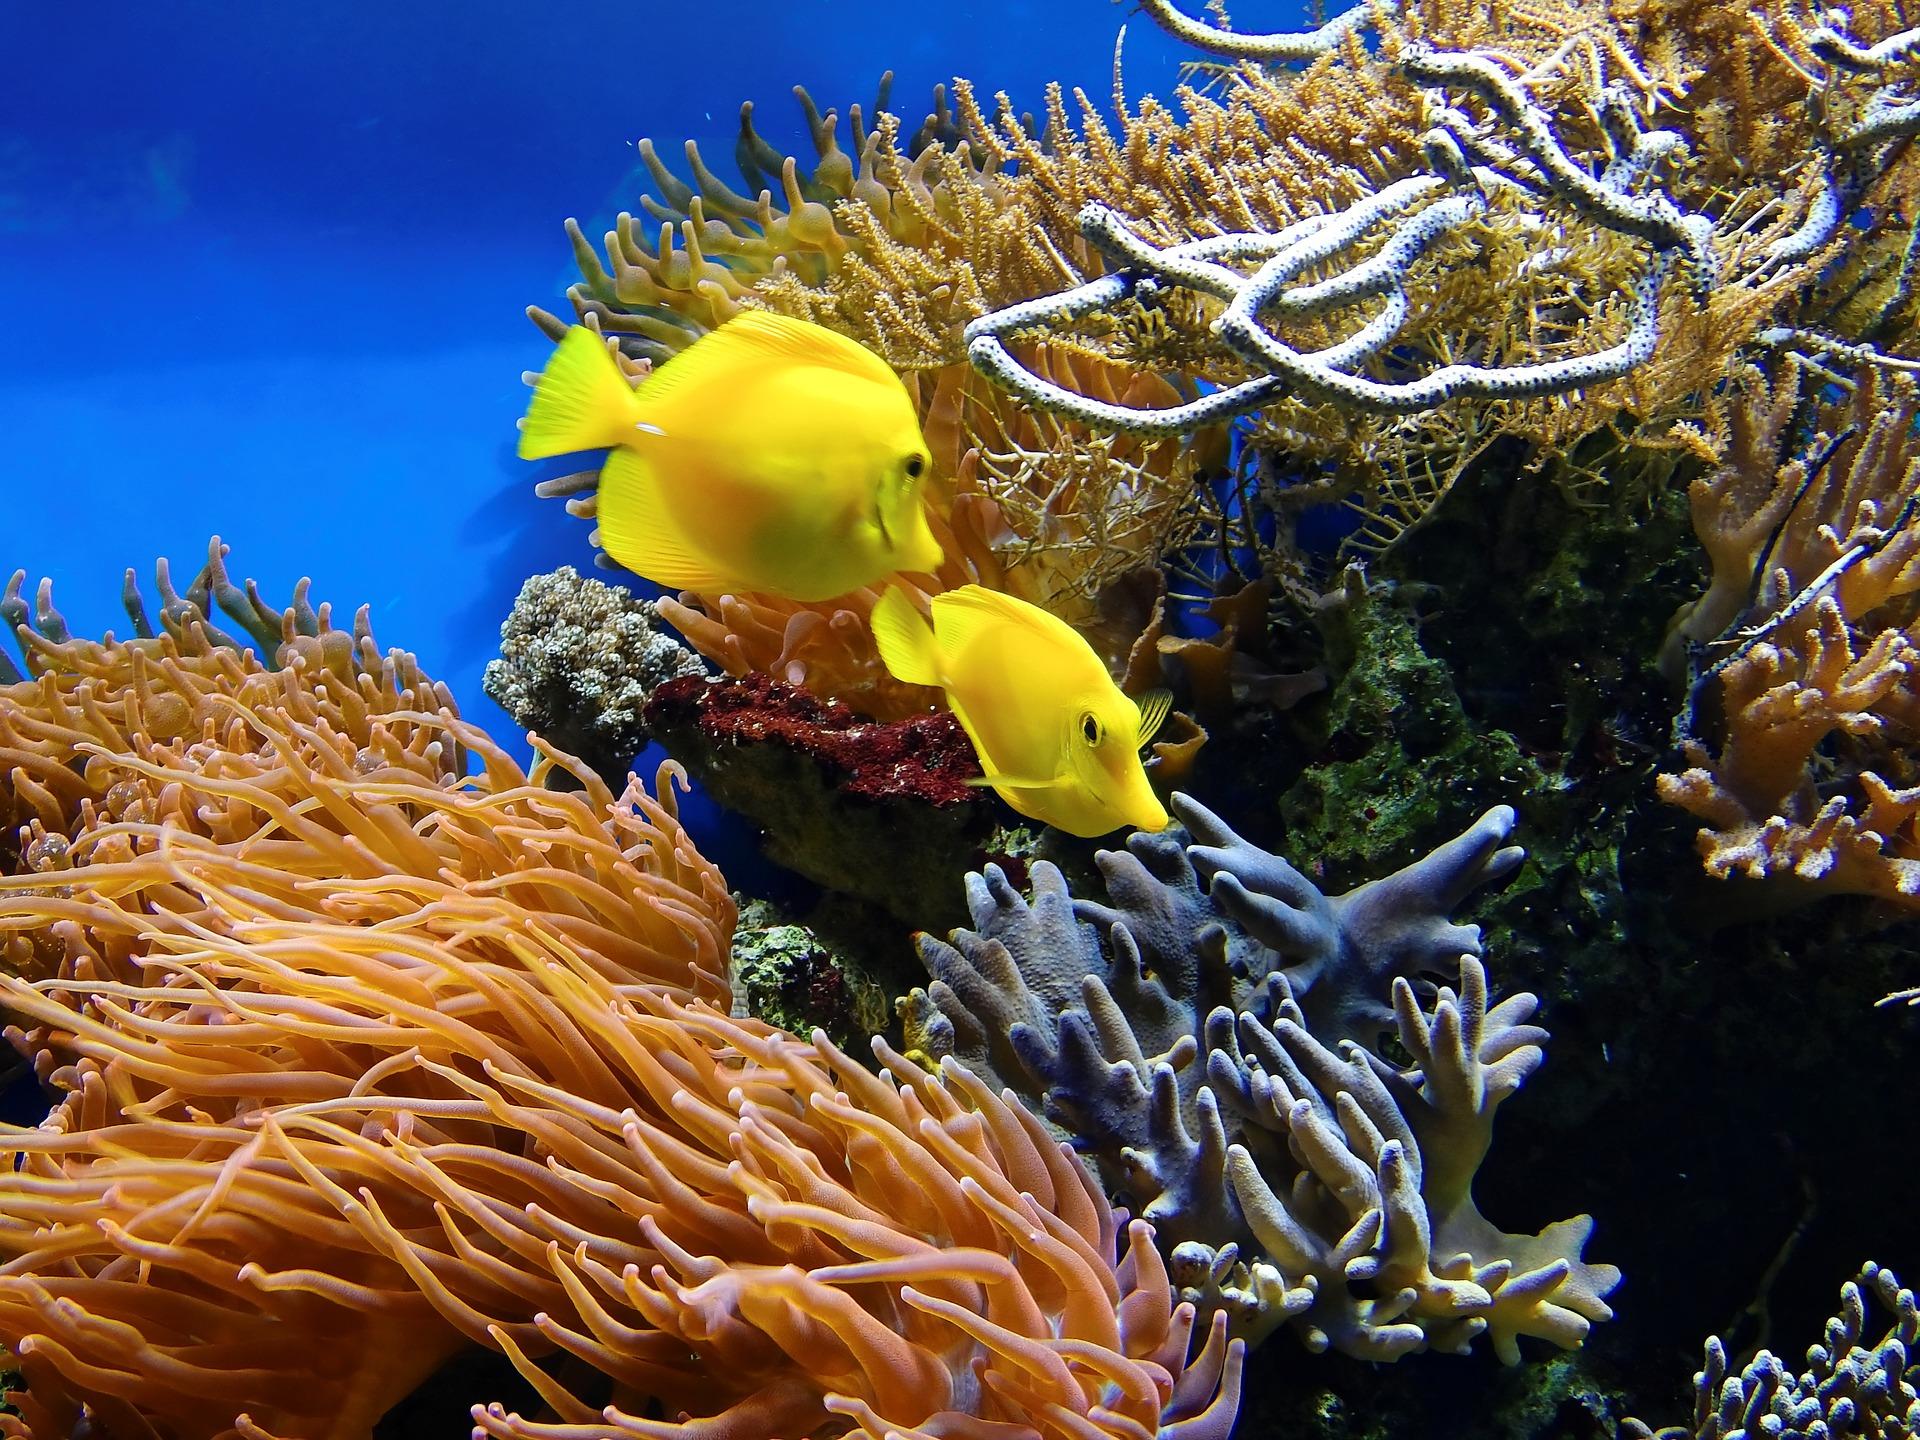 Los corales son parte de las comunidades estudiadas que se organizan en guetos. © Bruno Glätsch